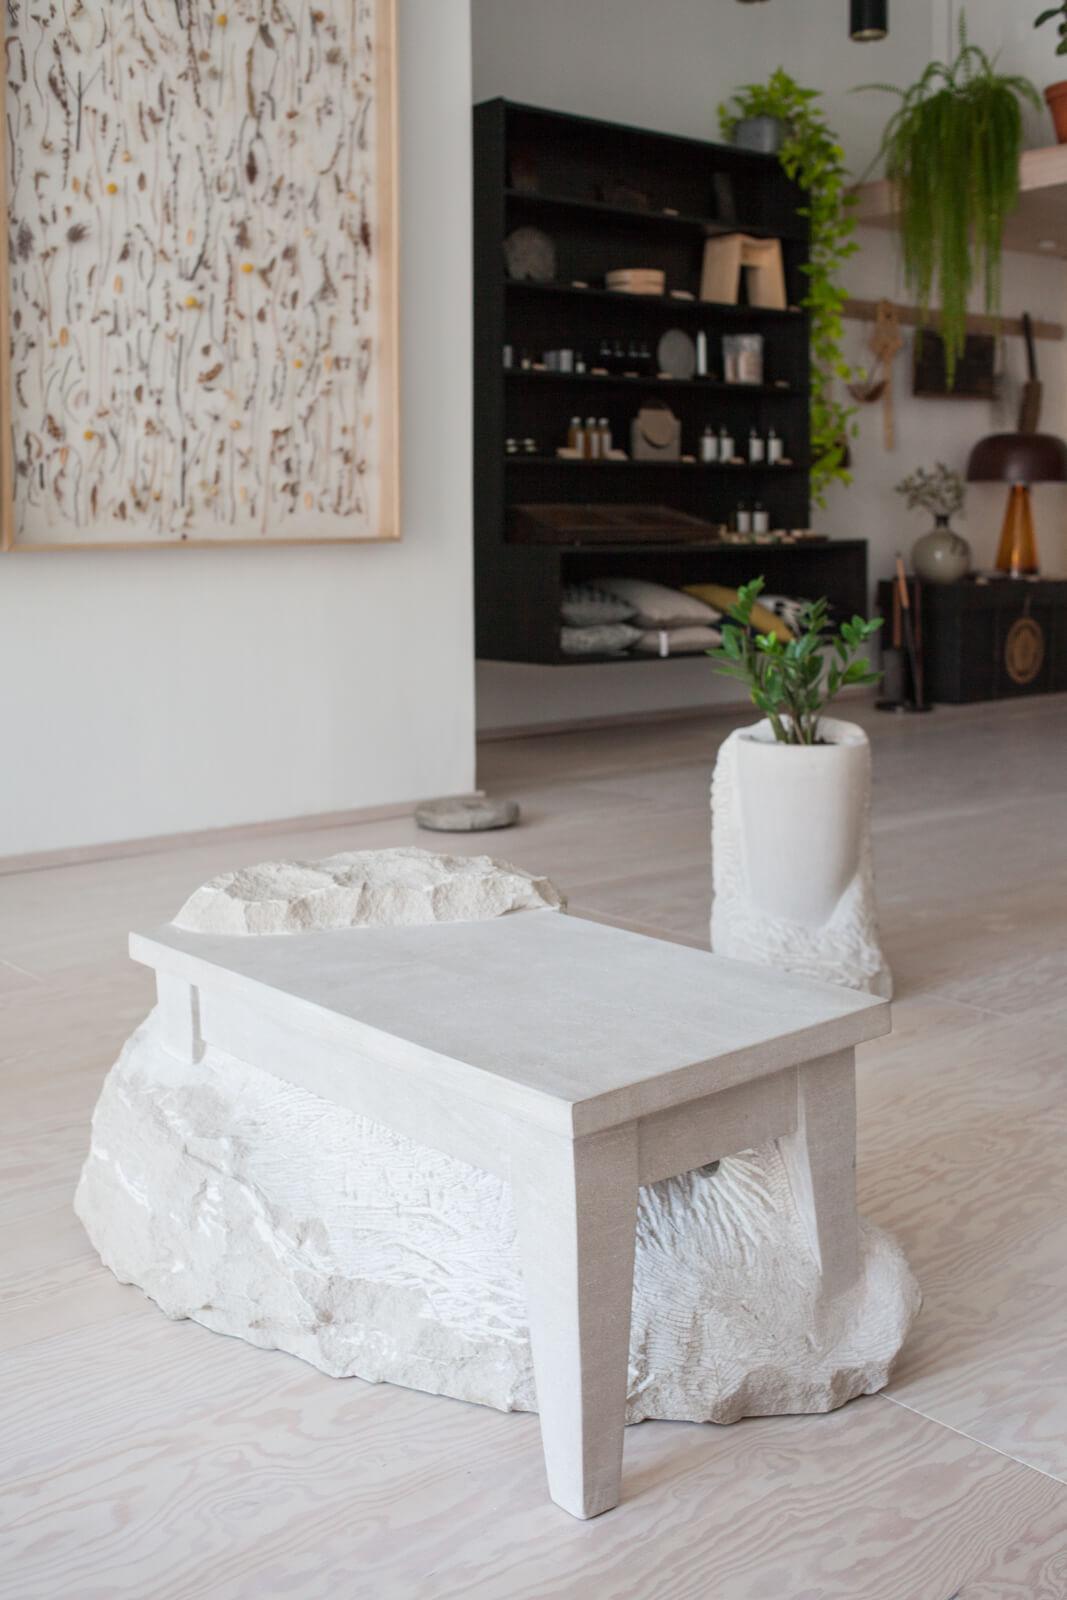 brian-richer-castor-mjolk-exhibition-2018-6